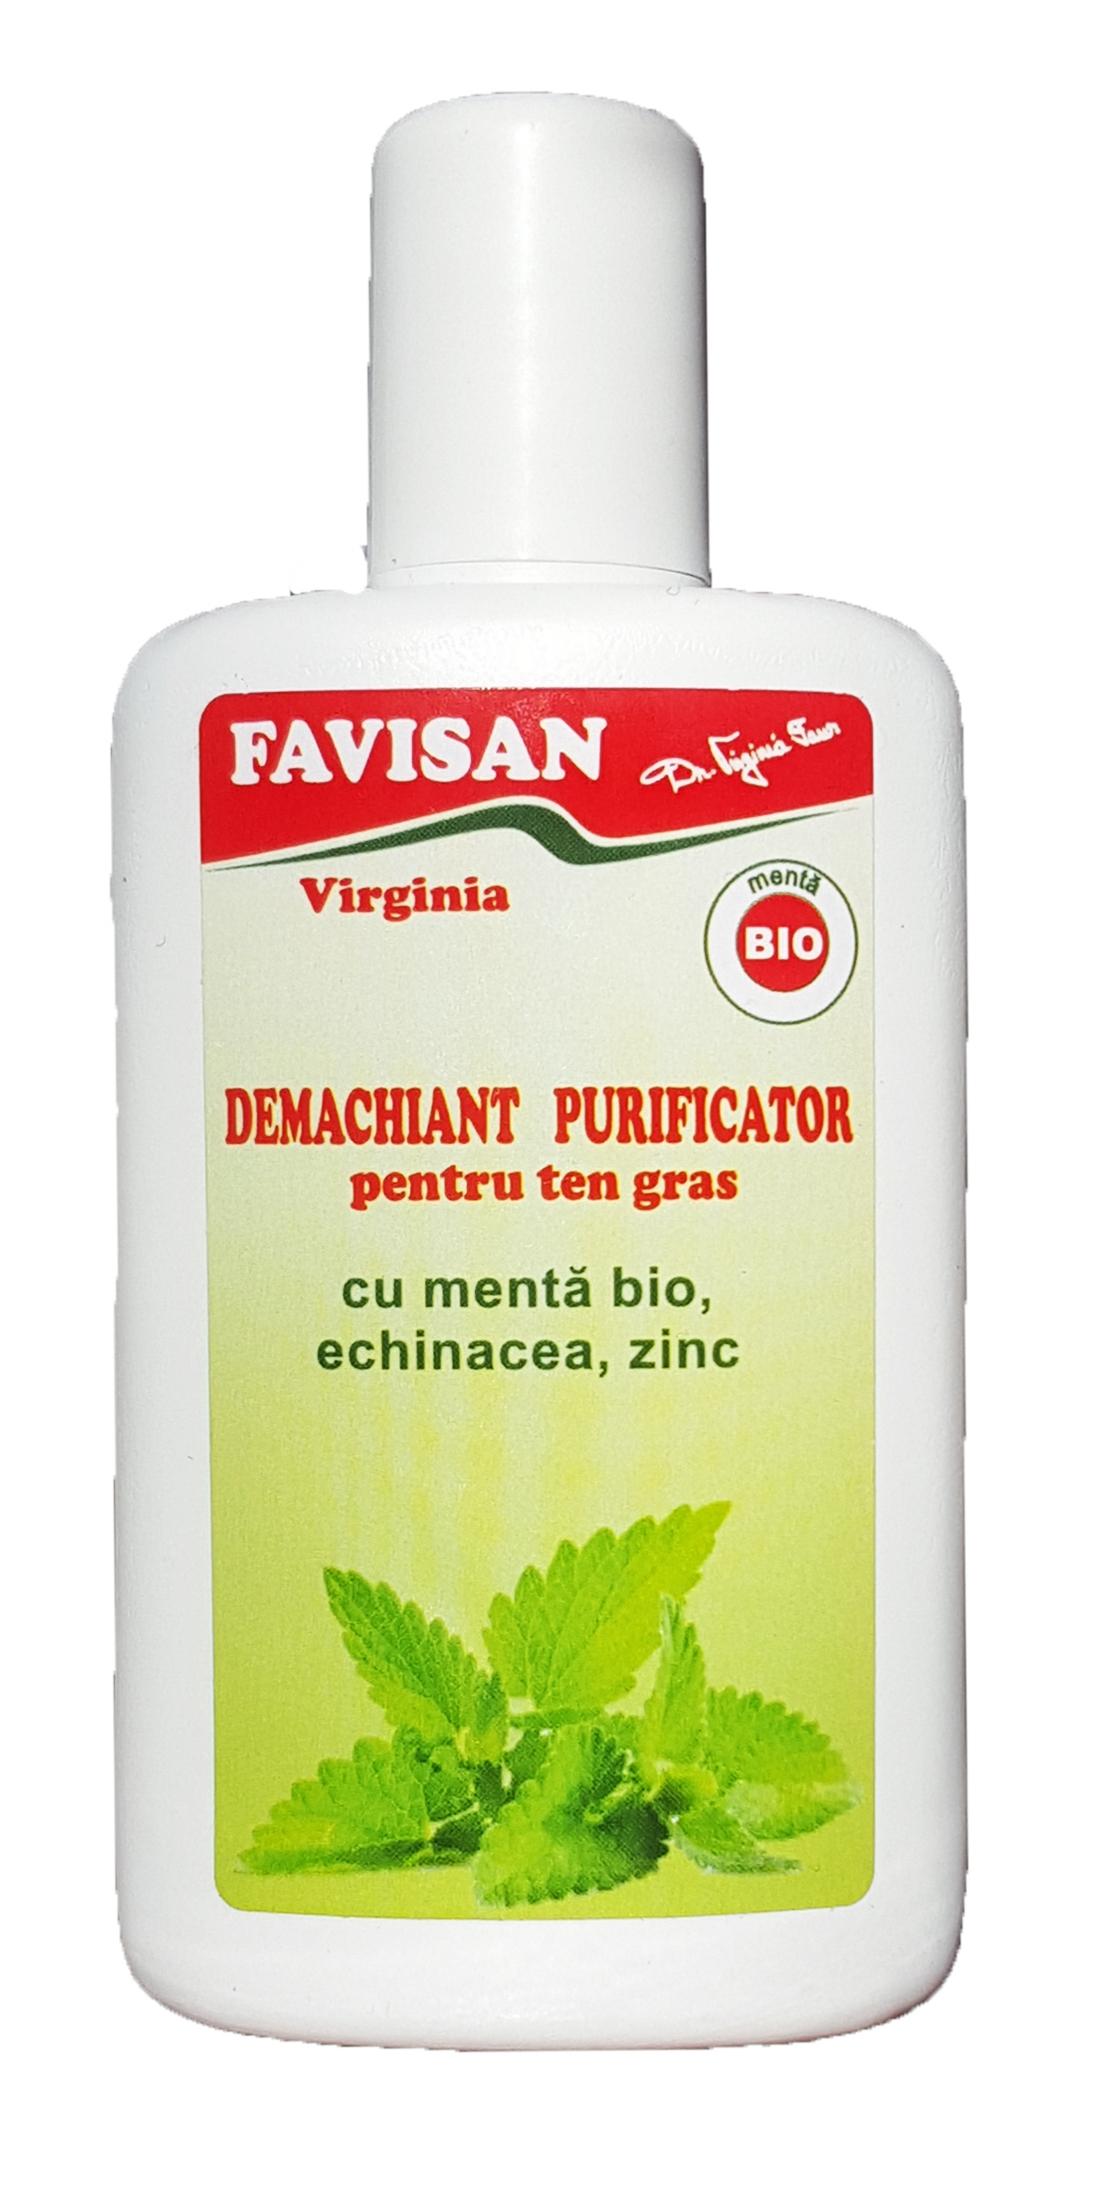 Demachiant purificator